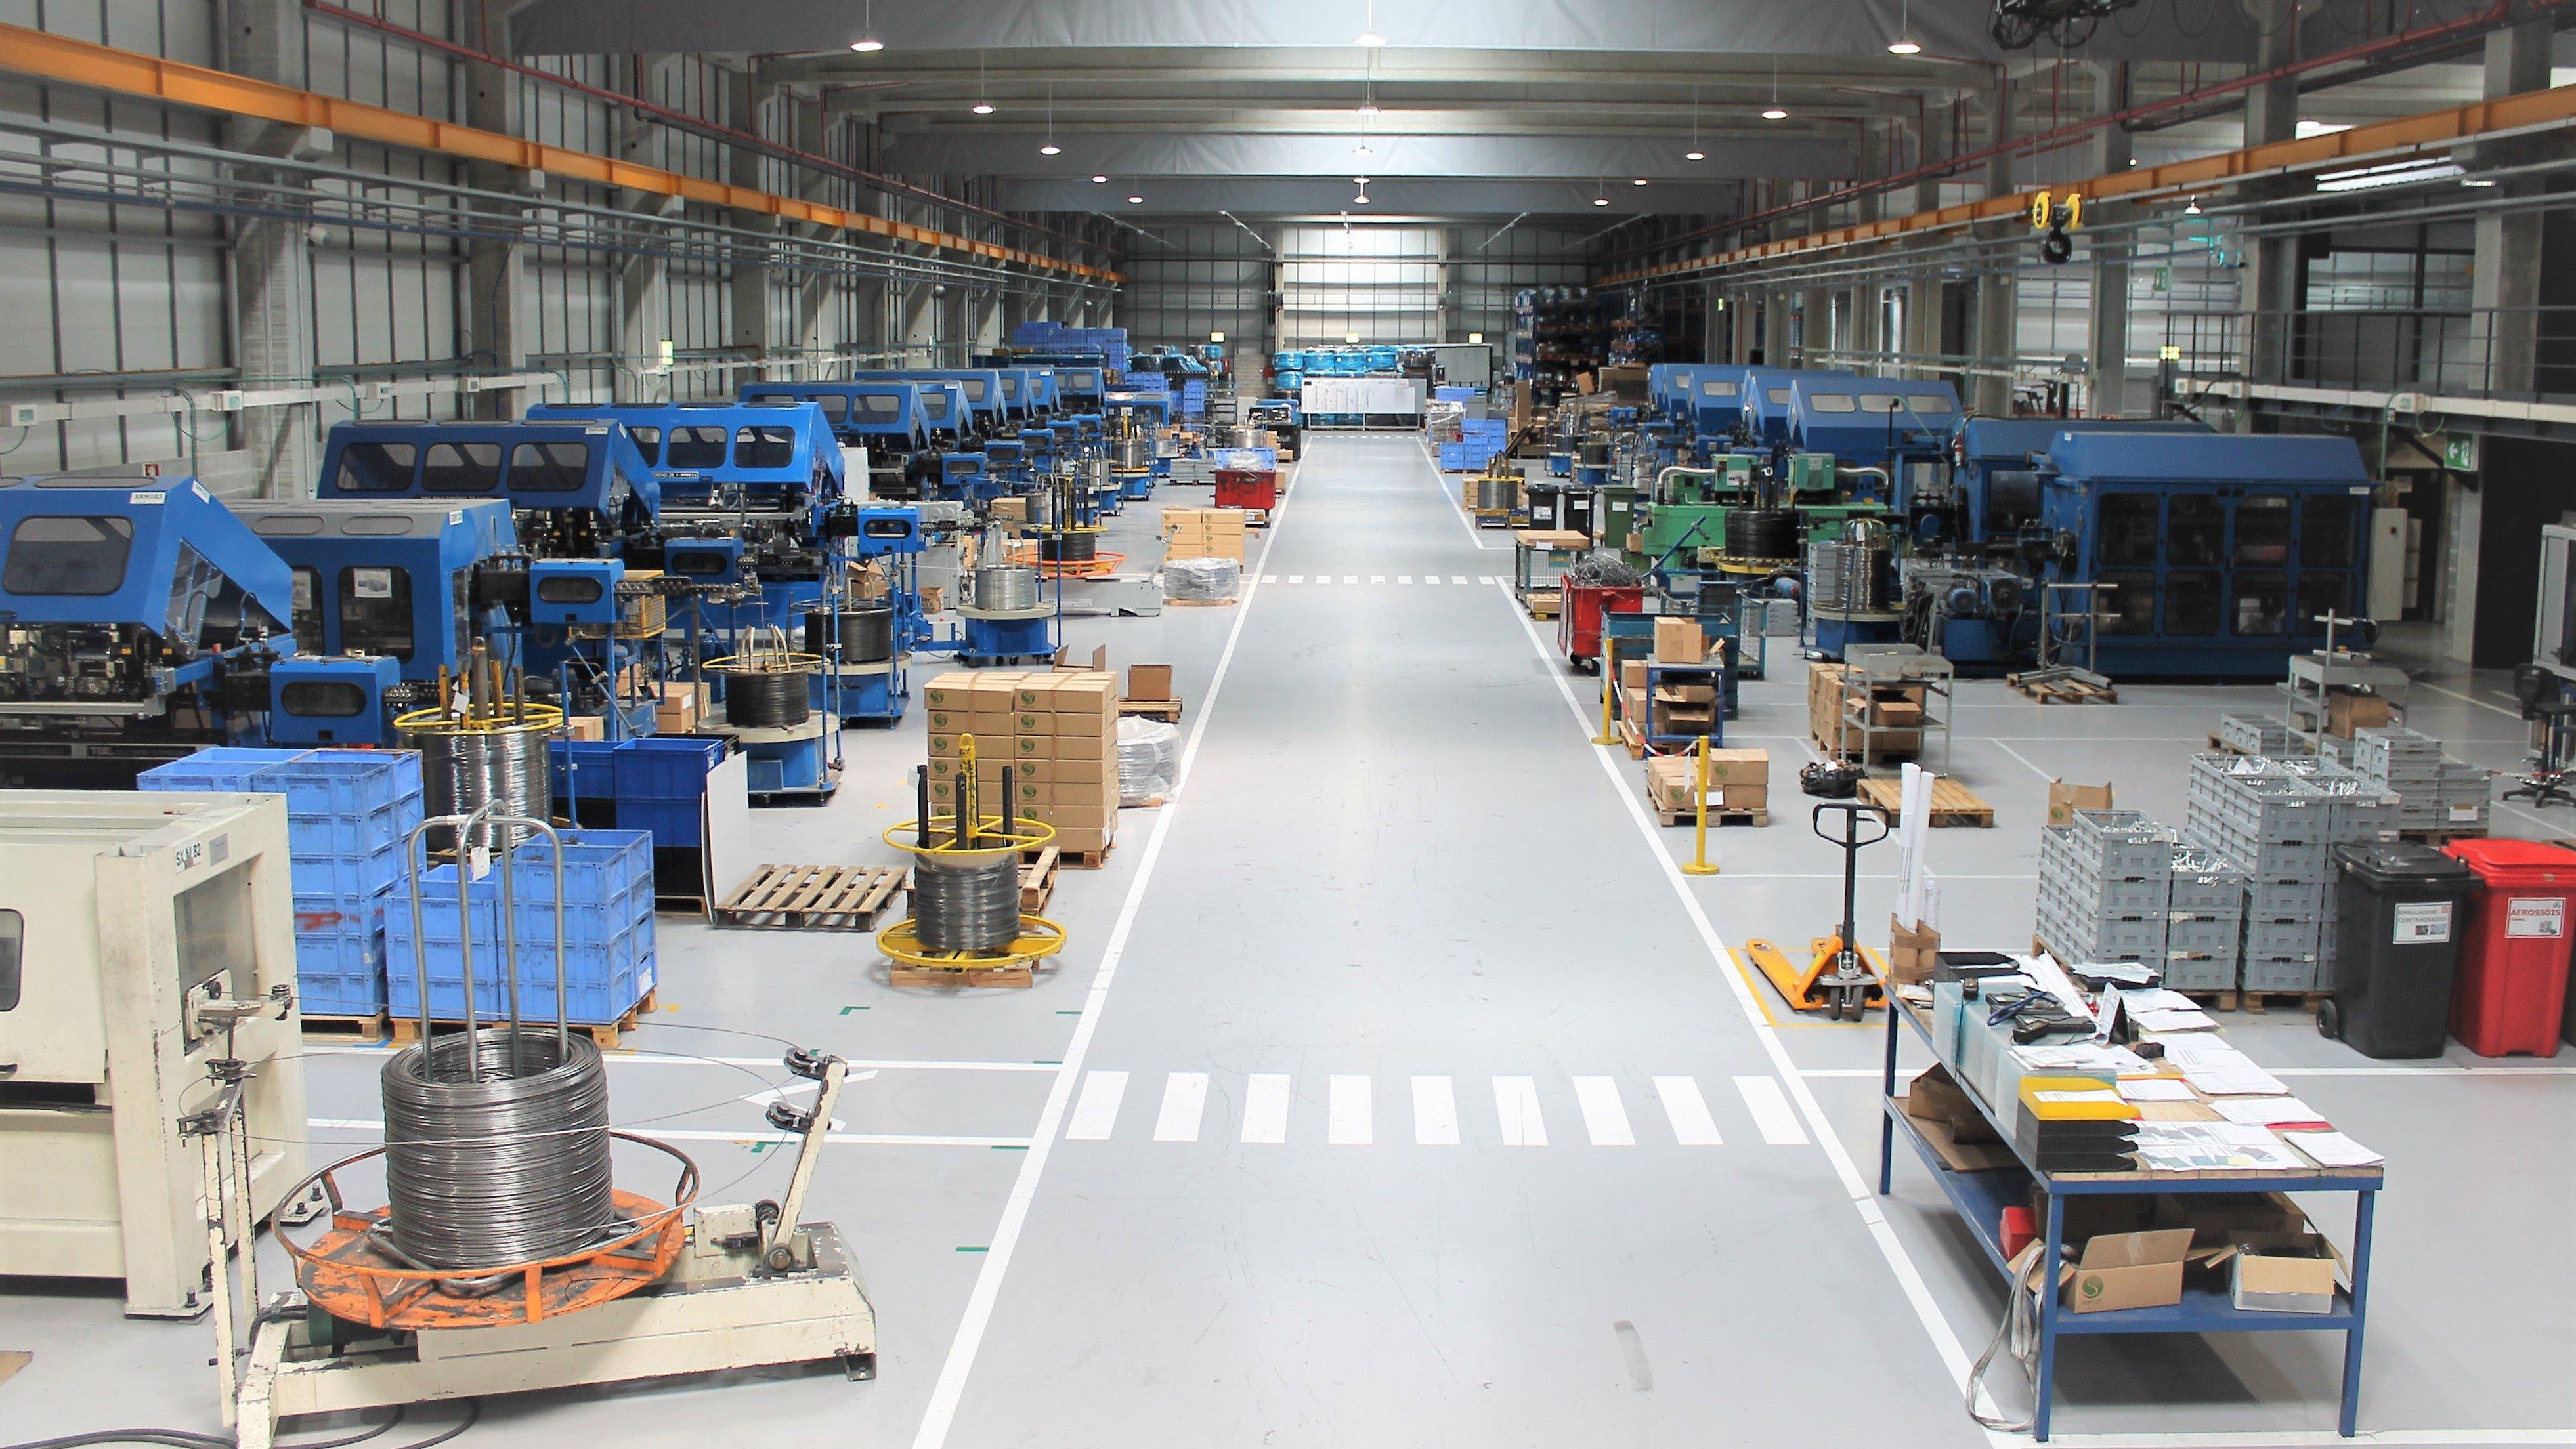 Sinflex satisface las diferentes demandas de la industria automotriz con soluciones avanzadas de máquinas basadas en servomotores